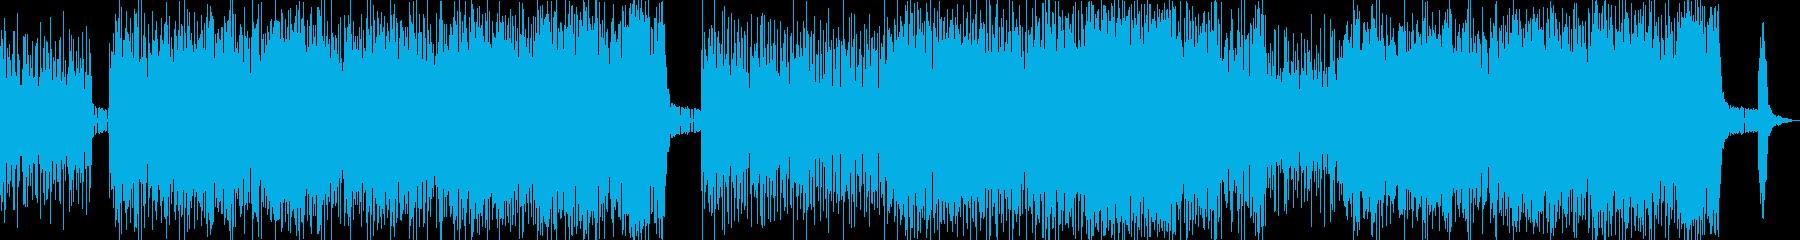 ヘヴィ+ストリングスのバトル曲の再生済みの波形